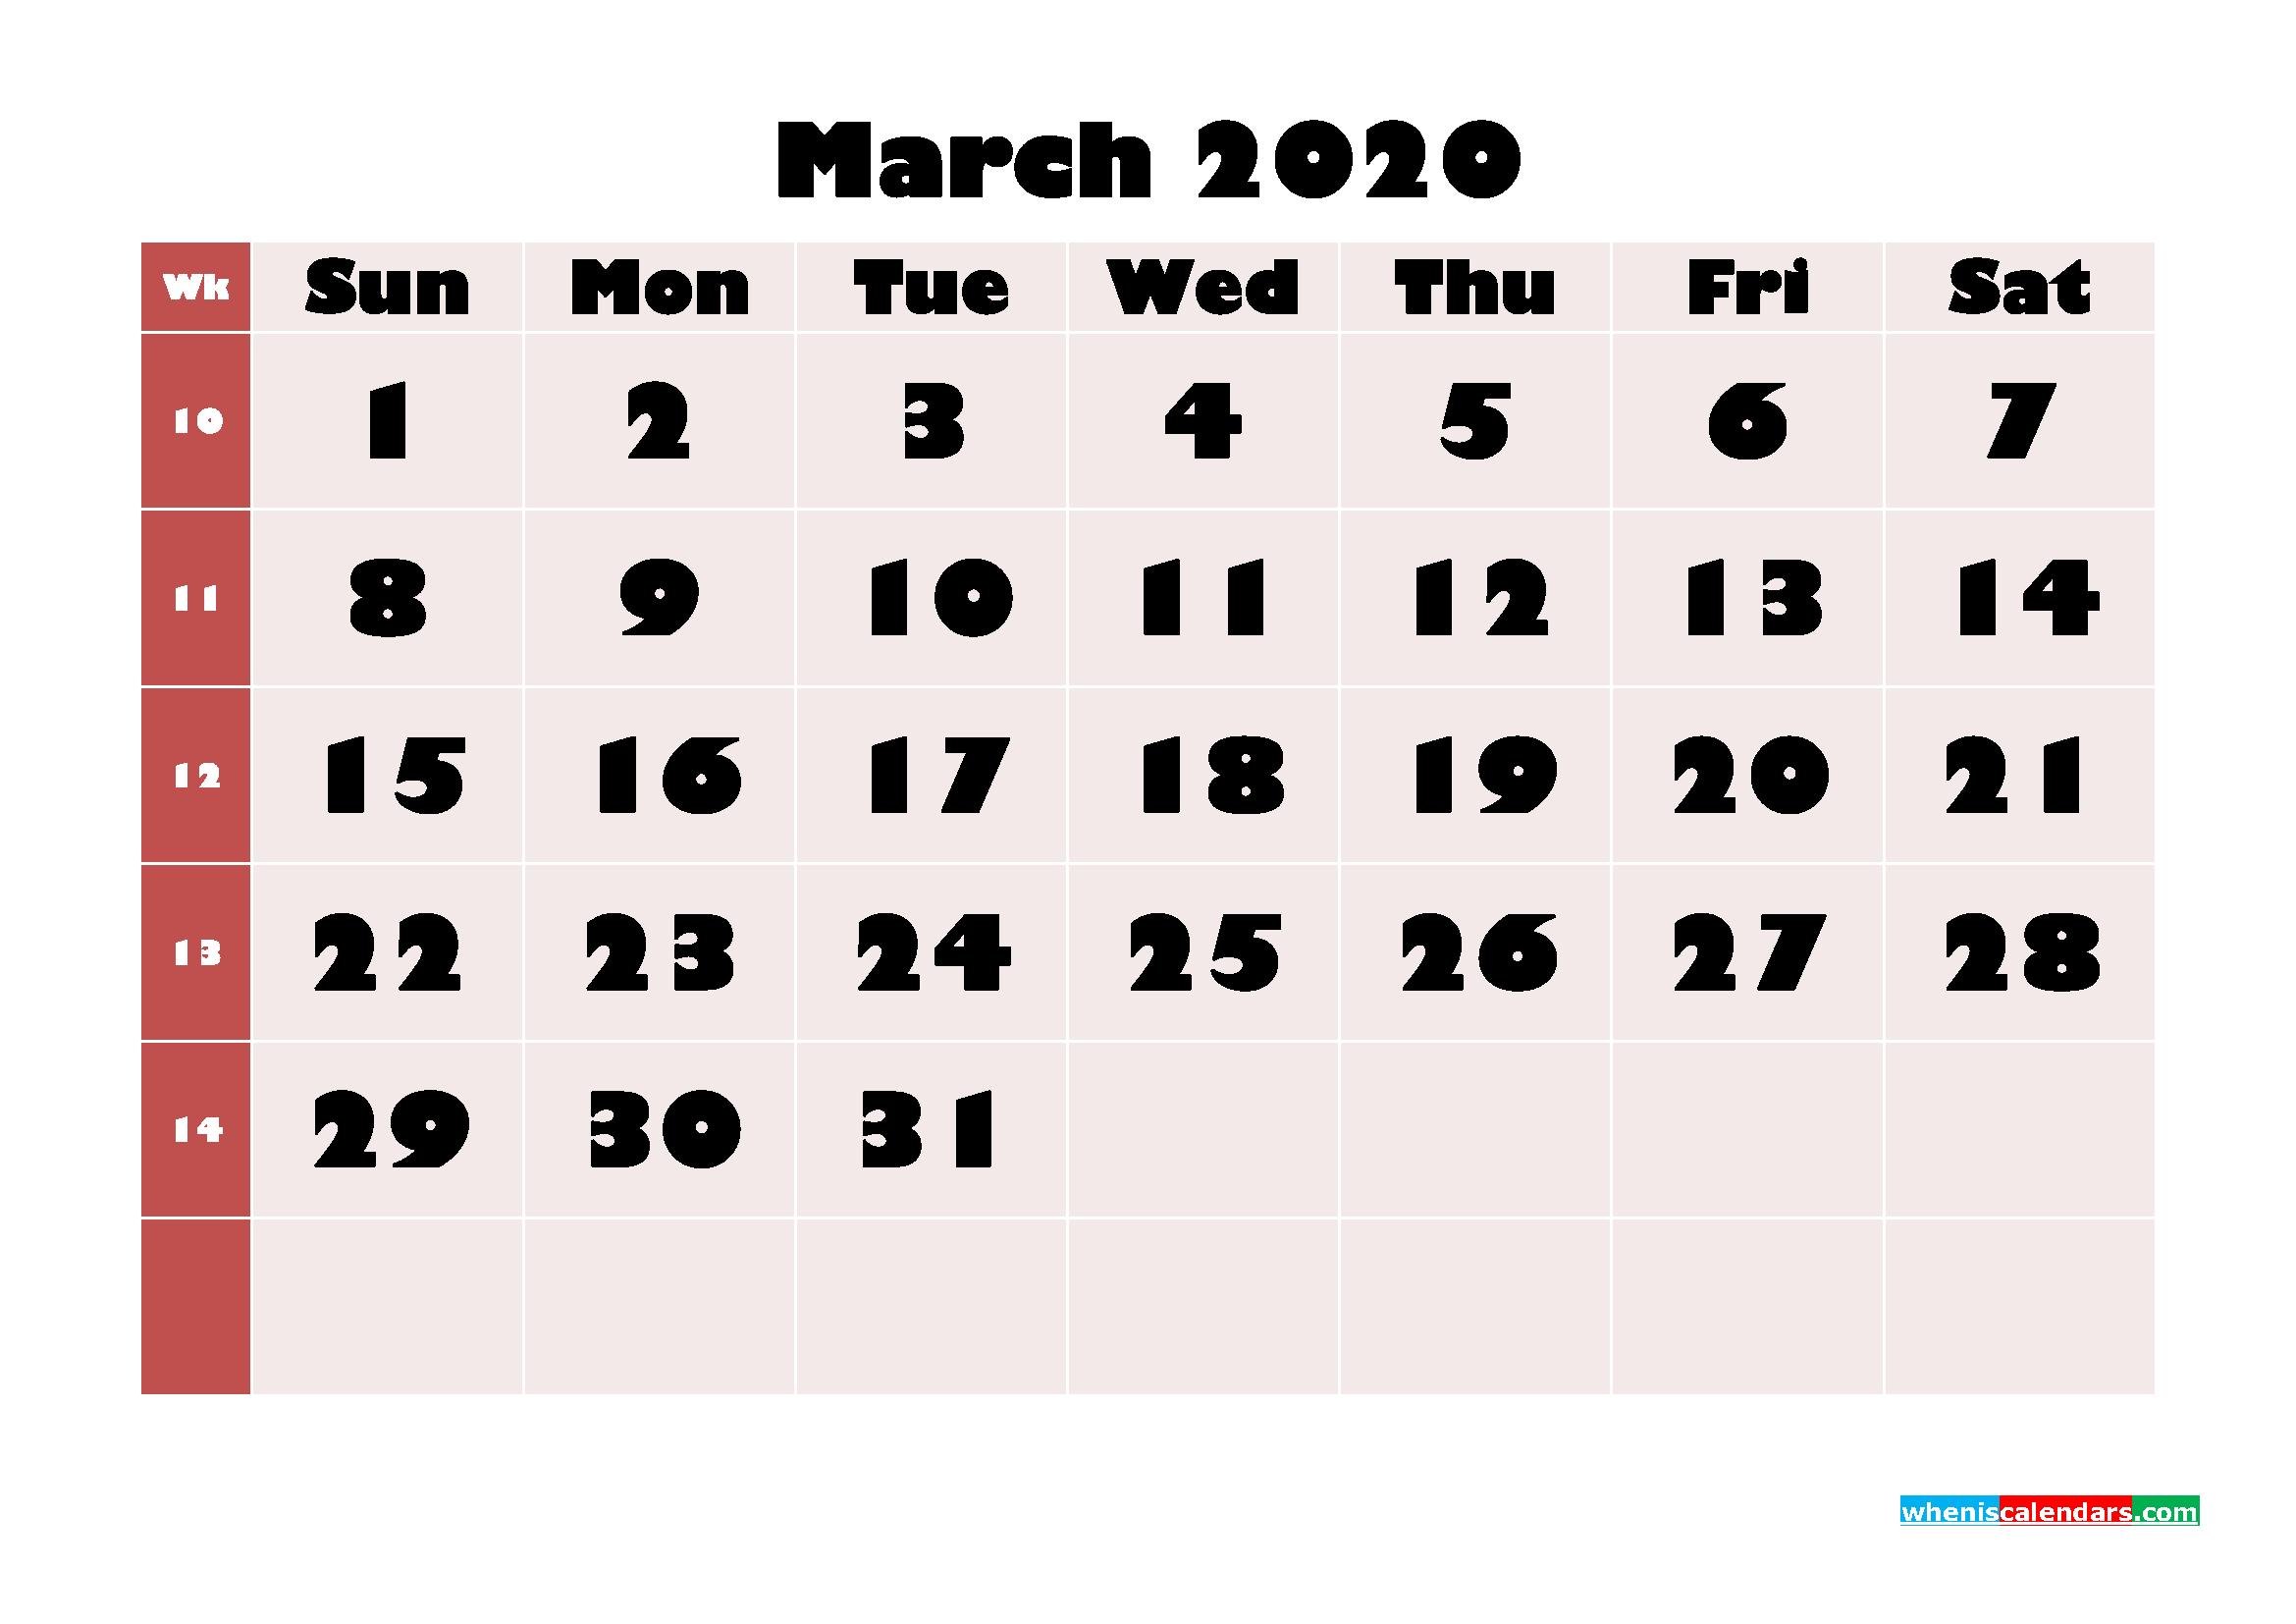 Free Printable Calendar March 2020 PDF, Word - No.m20b651